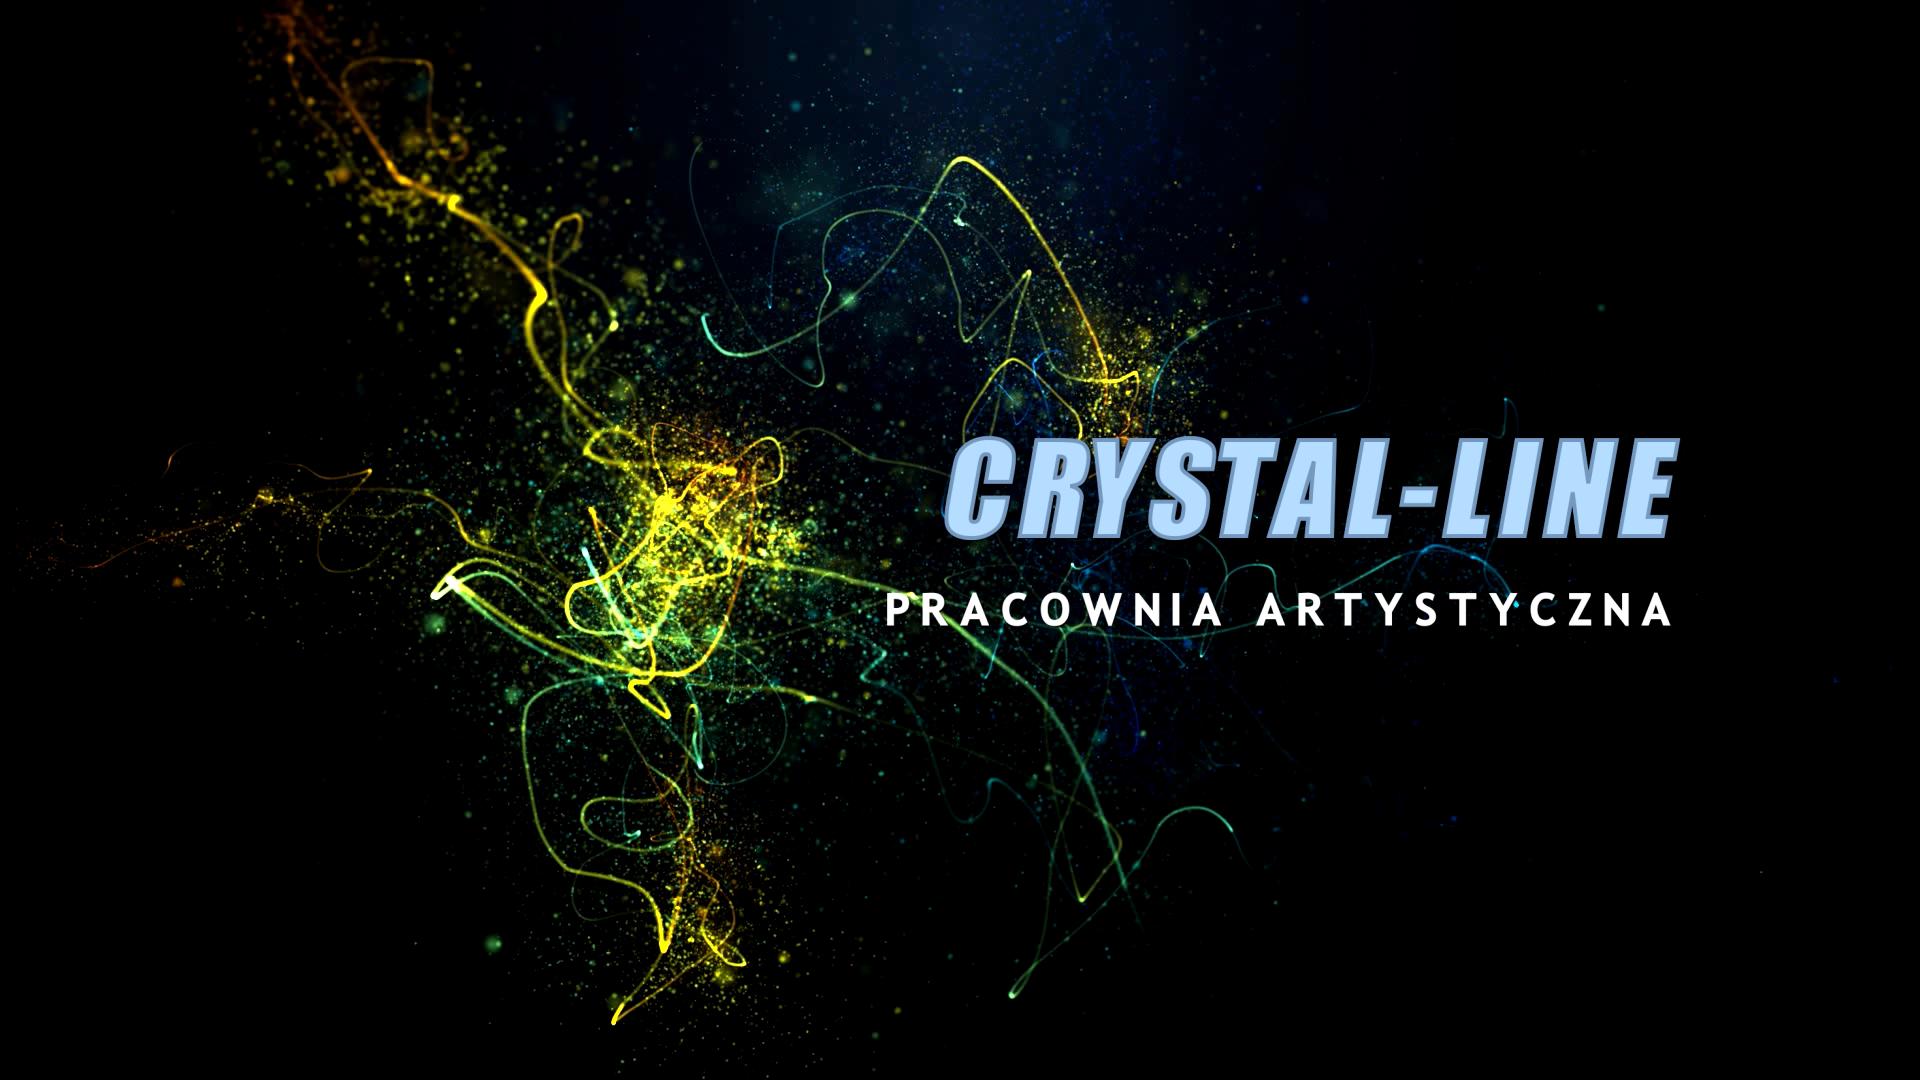 Crystal-line - pracownia artystyczna